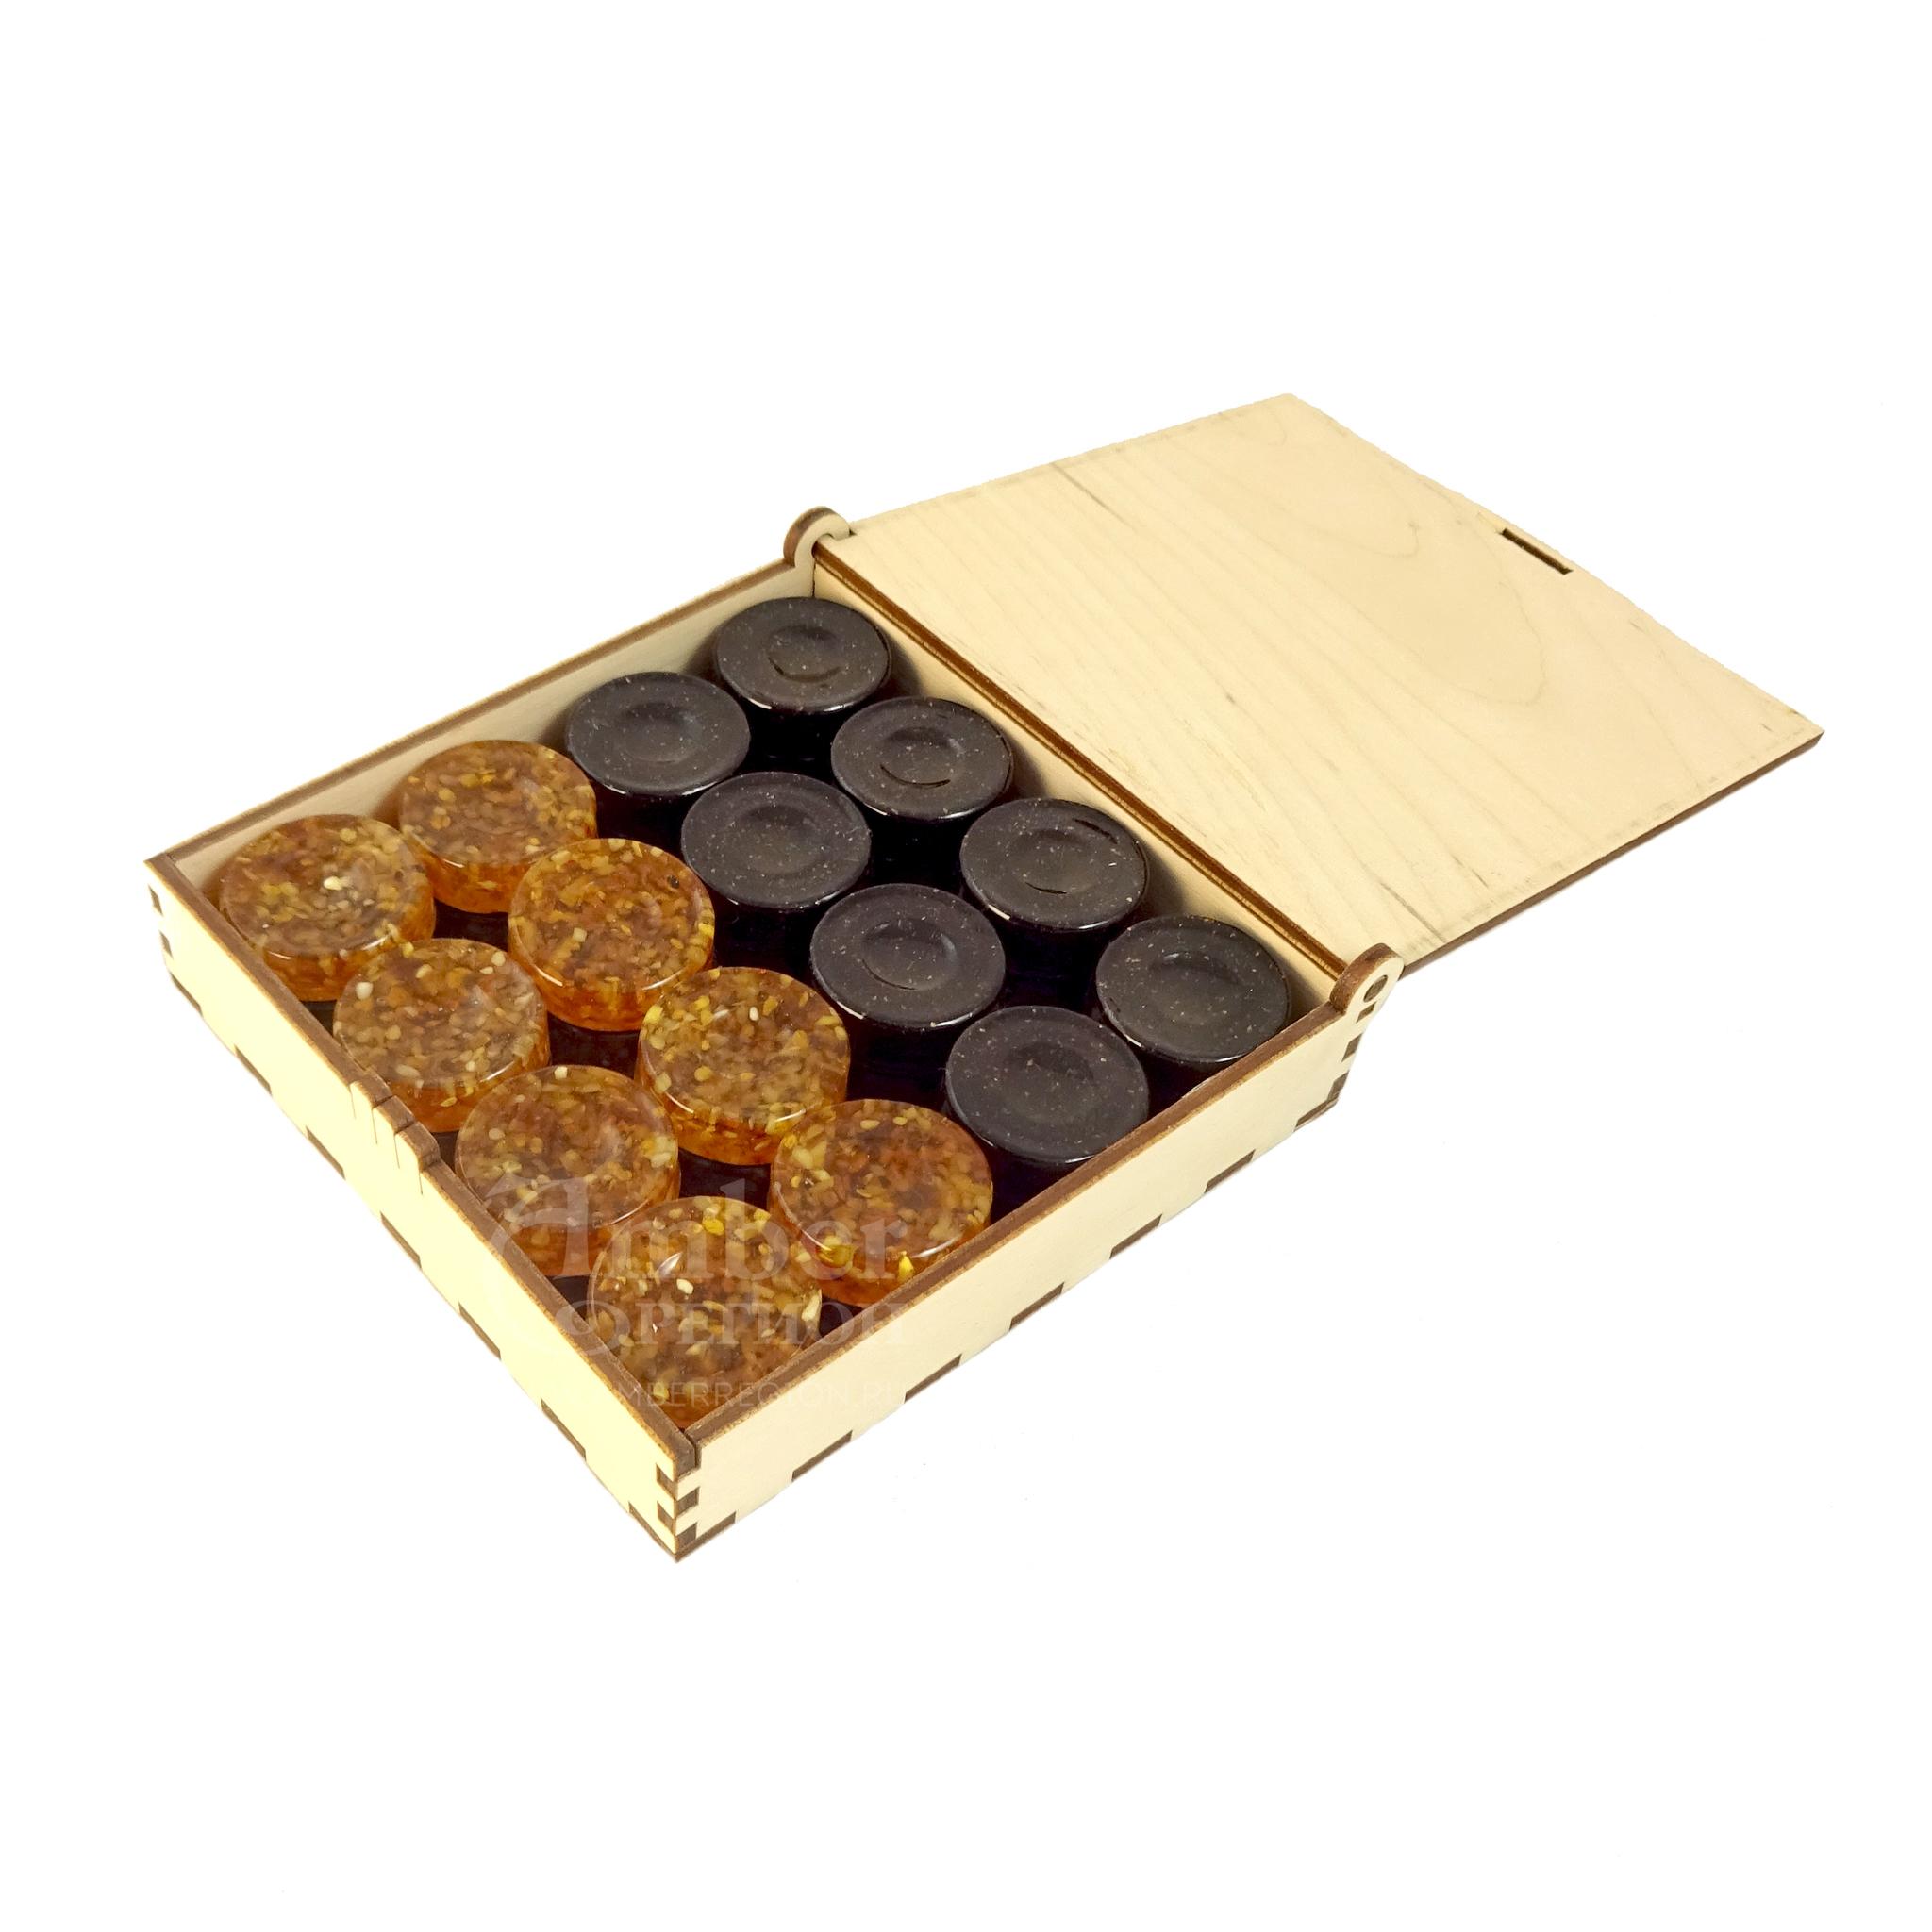 Шашки-нарды (цвет светлый чай - чёрный янтарь) 5 комплектов